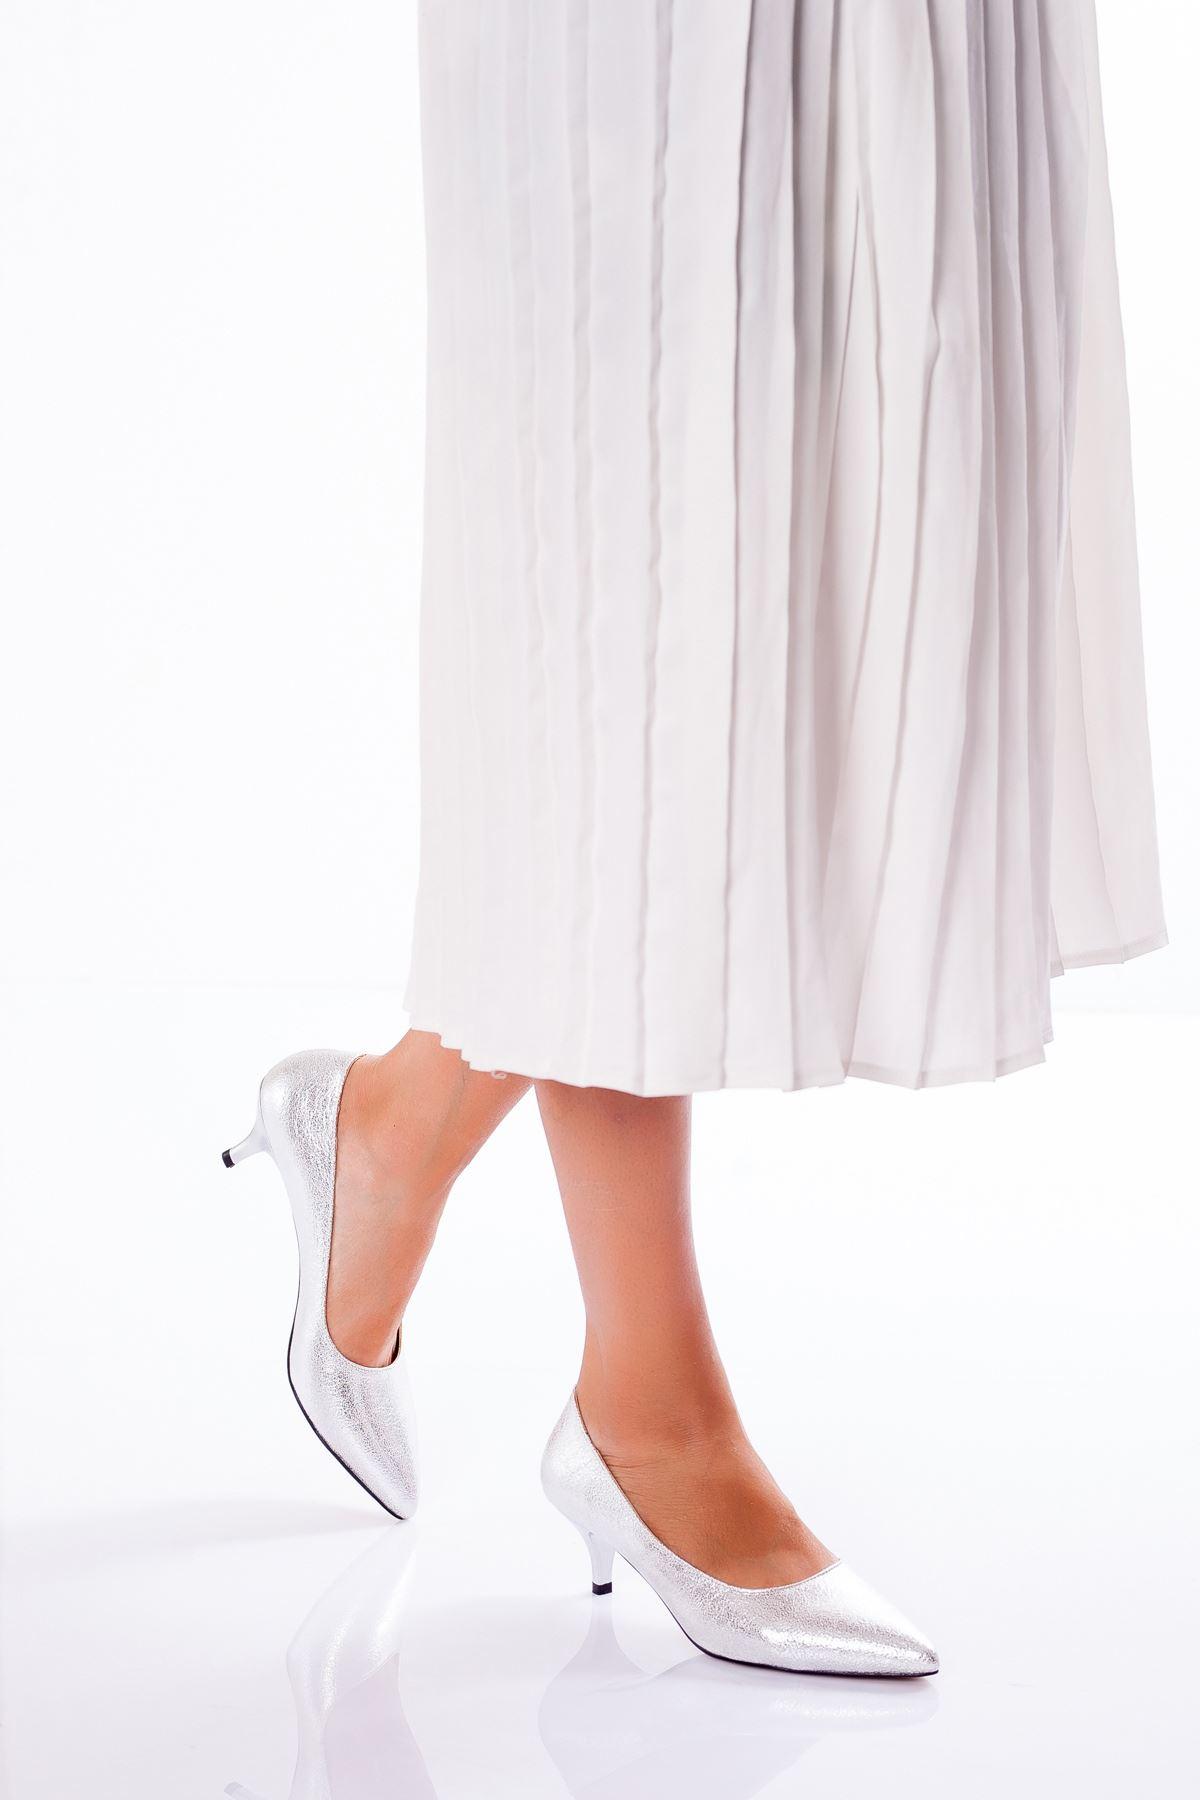 Abella Topuklu Ayakkabı GÜMÜŞ